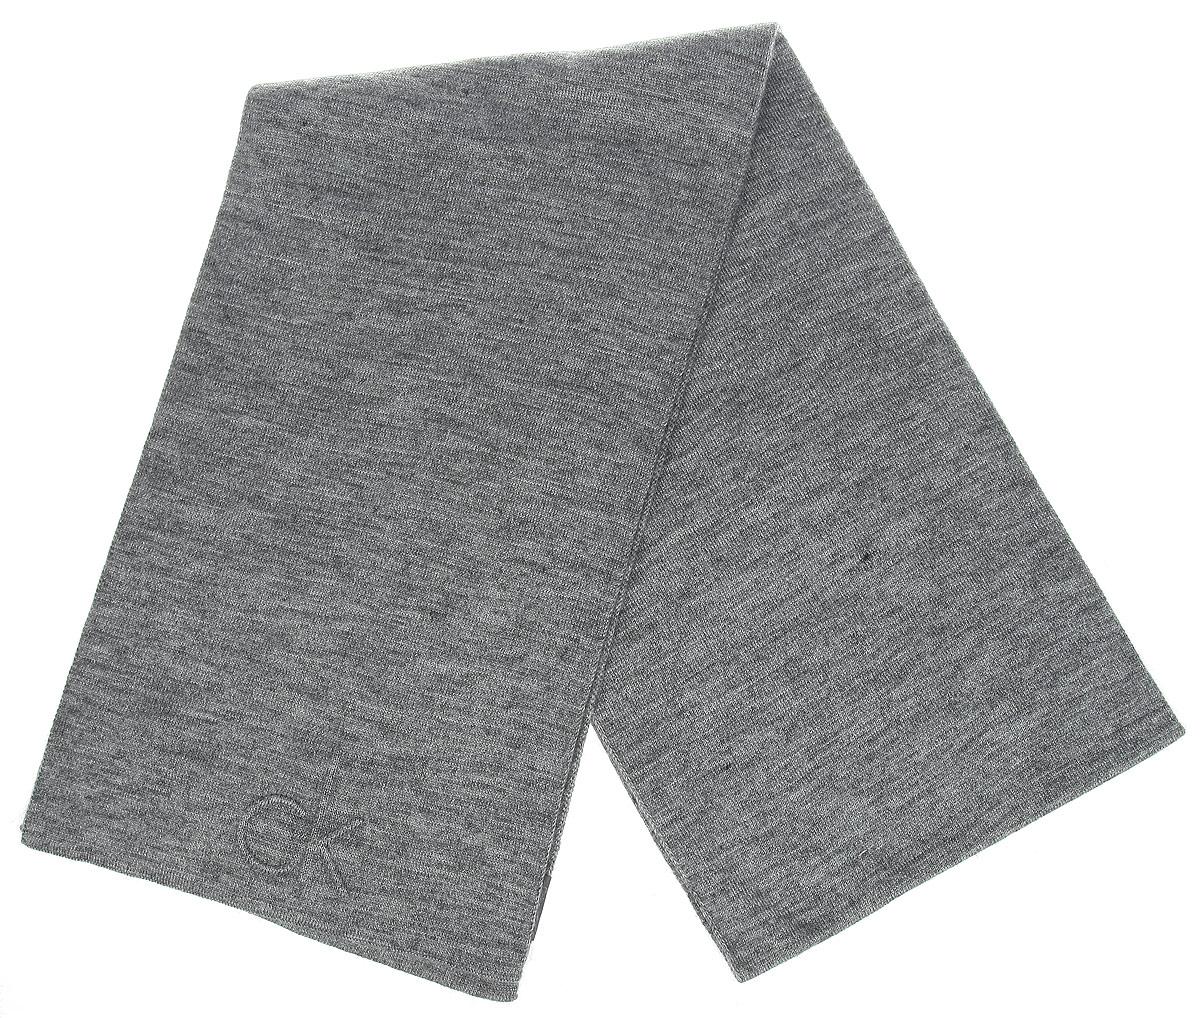 Шарф мужской. K50K501401K50K501401Стильный мужской шарф Calvin Klein Jeans, выполненный из акриловой пряжи с добавлением шерсти, создан подчеркнуть ваш вкус и согреть вас в прохладное время года. Модель отличается невероятной легкостью и мягкостью. Шарф с одного края оформлен выпуклым логотипом бренда. Этот модный аксессуар гармонично дополнит ваш образ.